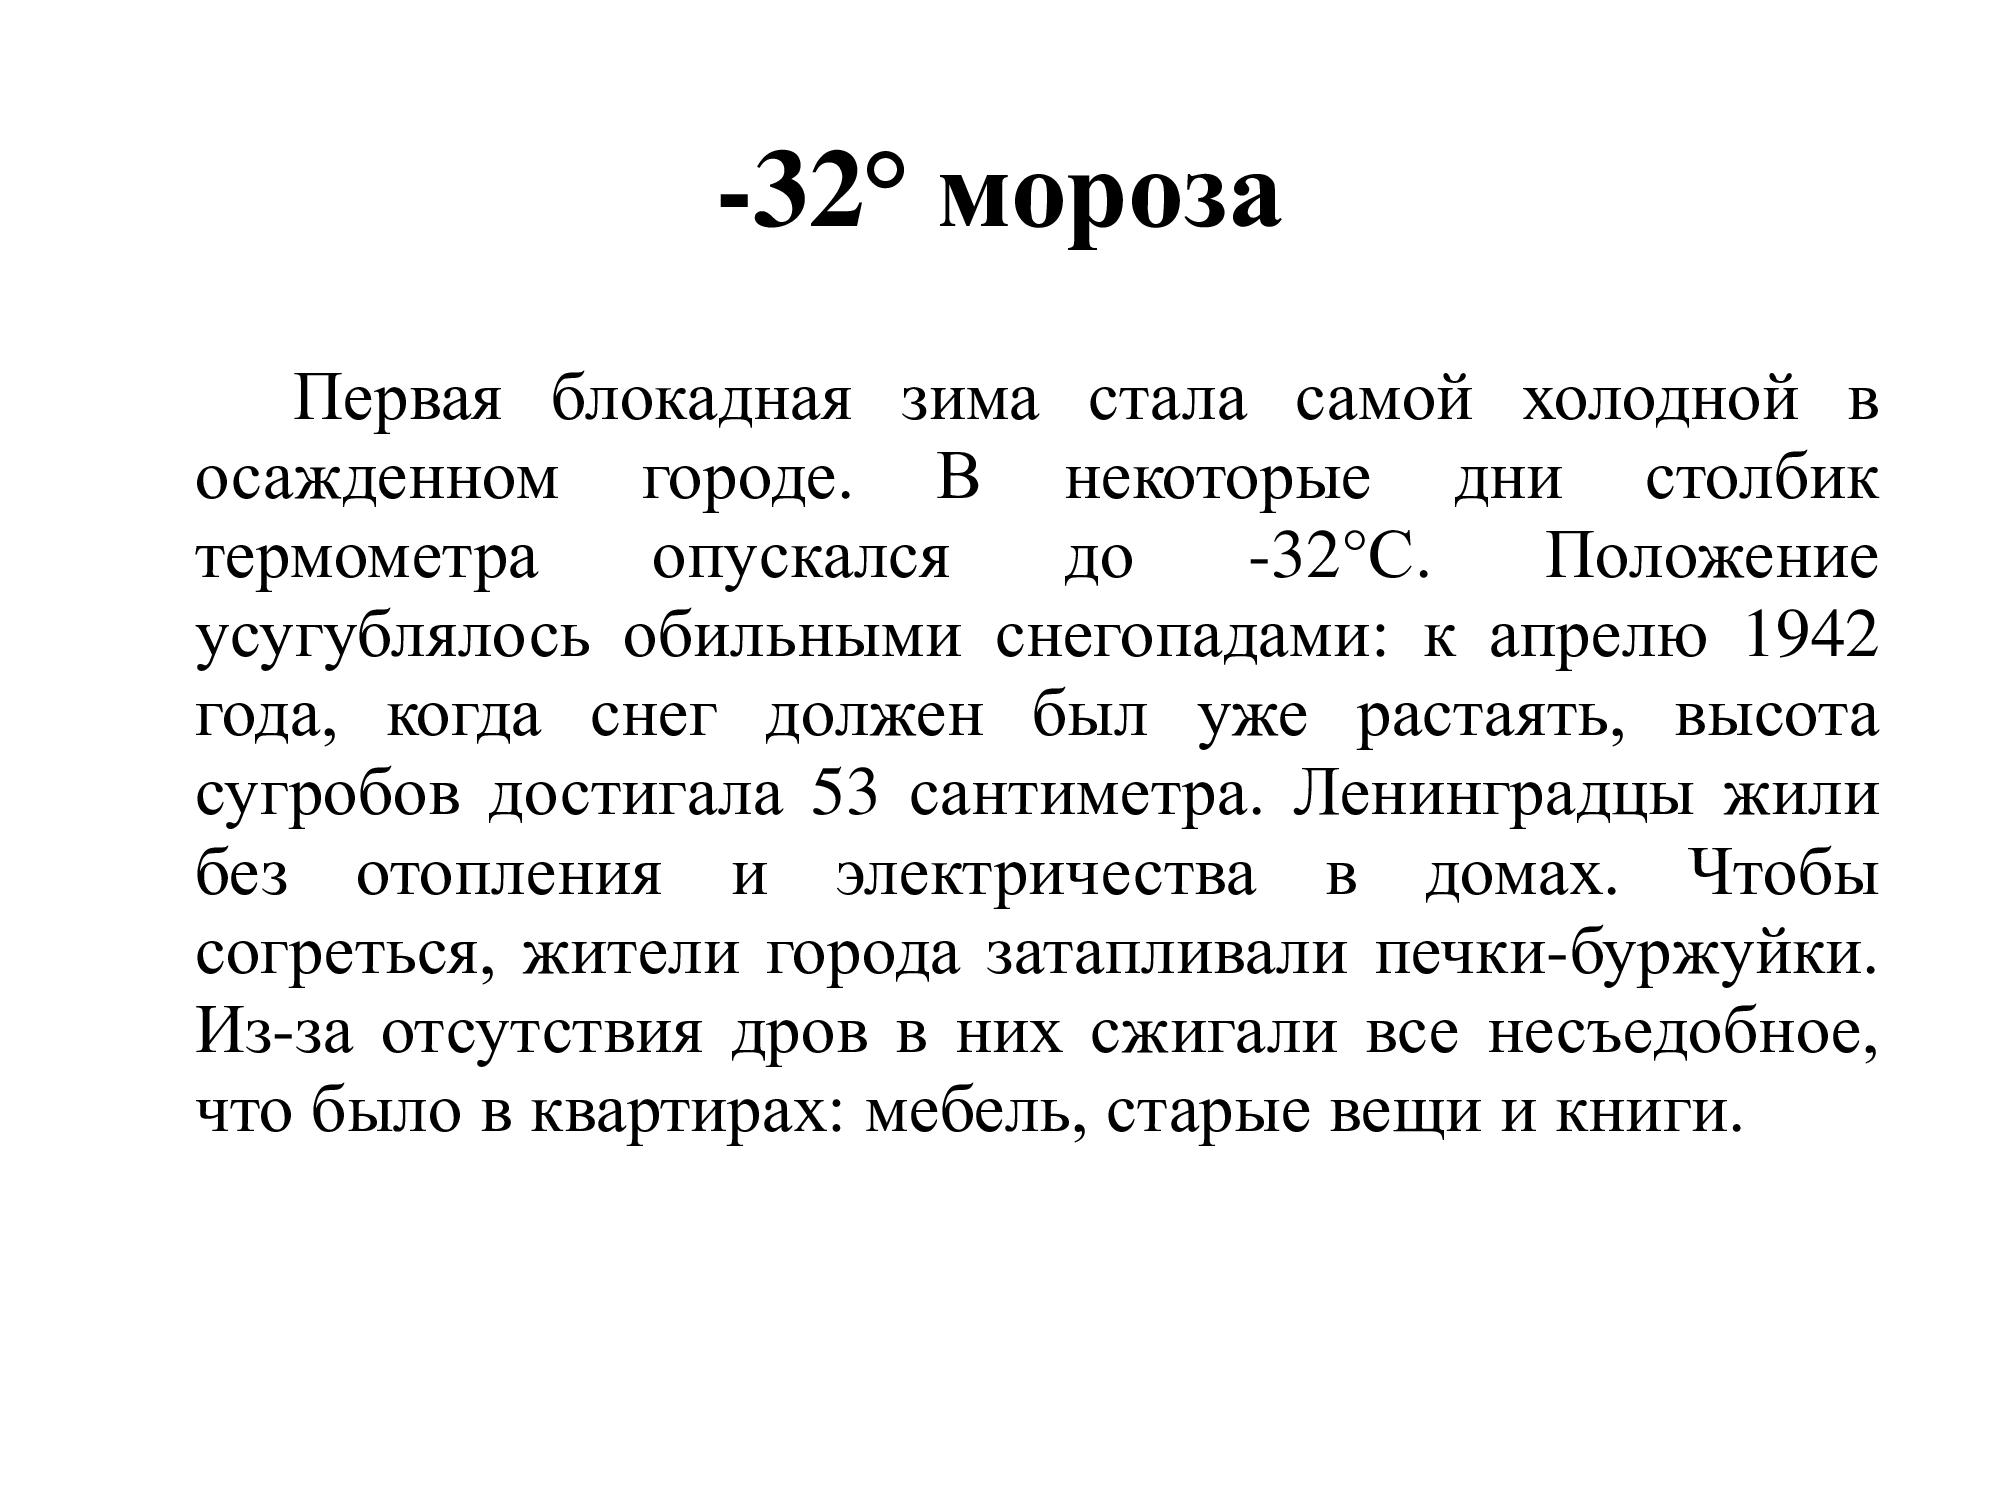 3af6ebb67fe6e6212dd3fef85cada416-13